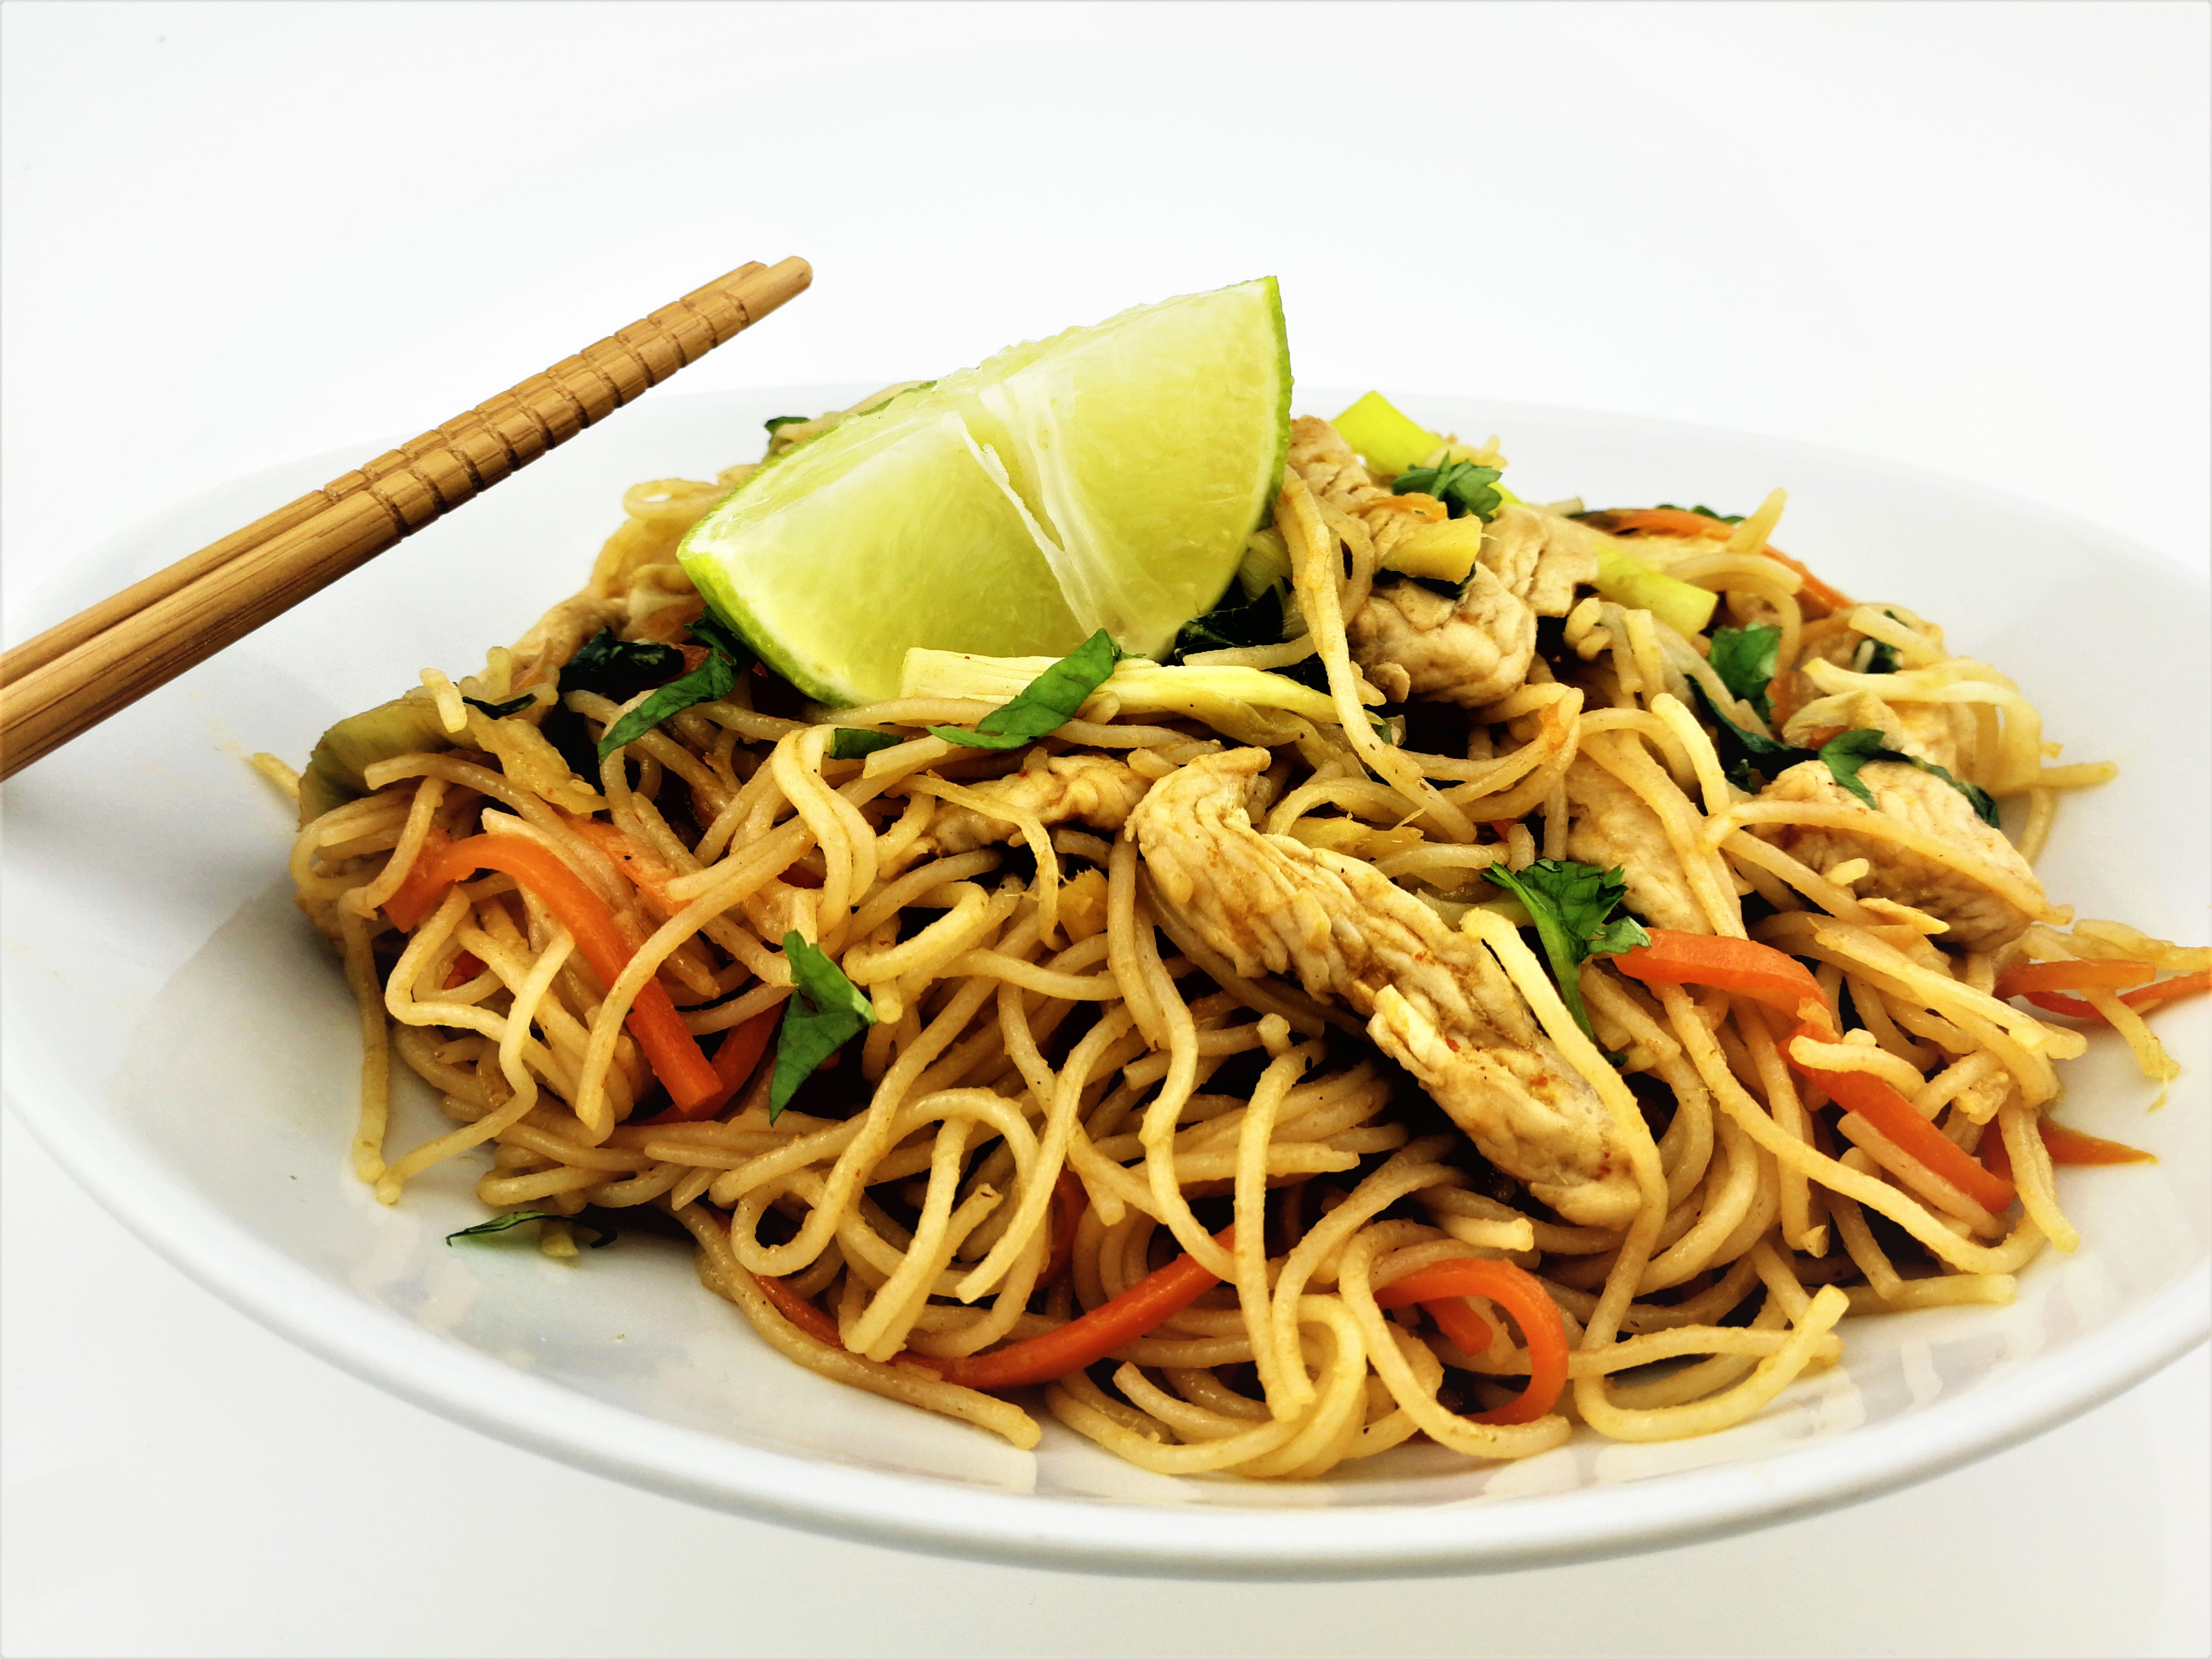 Restované rýžové nudle